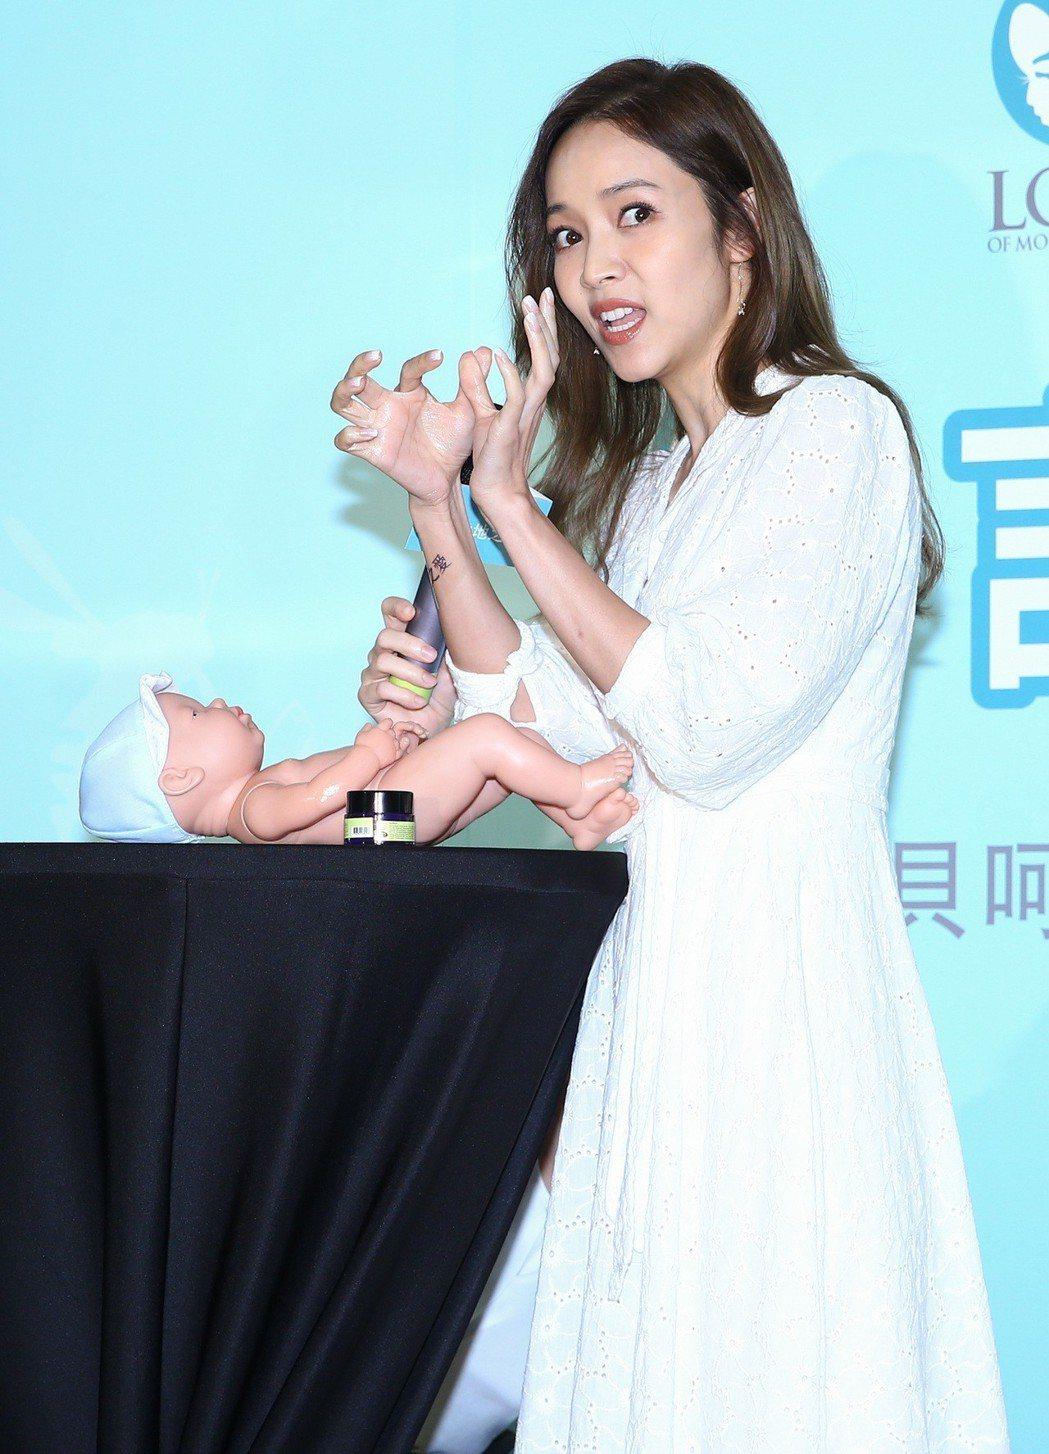 藝人侯佩岑昨天出席大地之愛產品代言記者會,示範幫小嬰兒抹乳液。記者陳柏亨/攝影